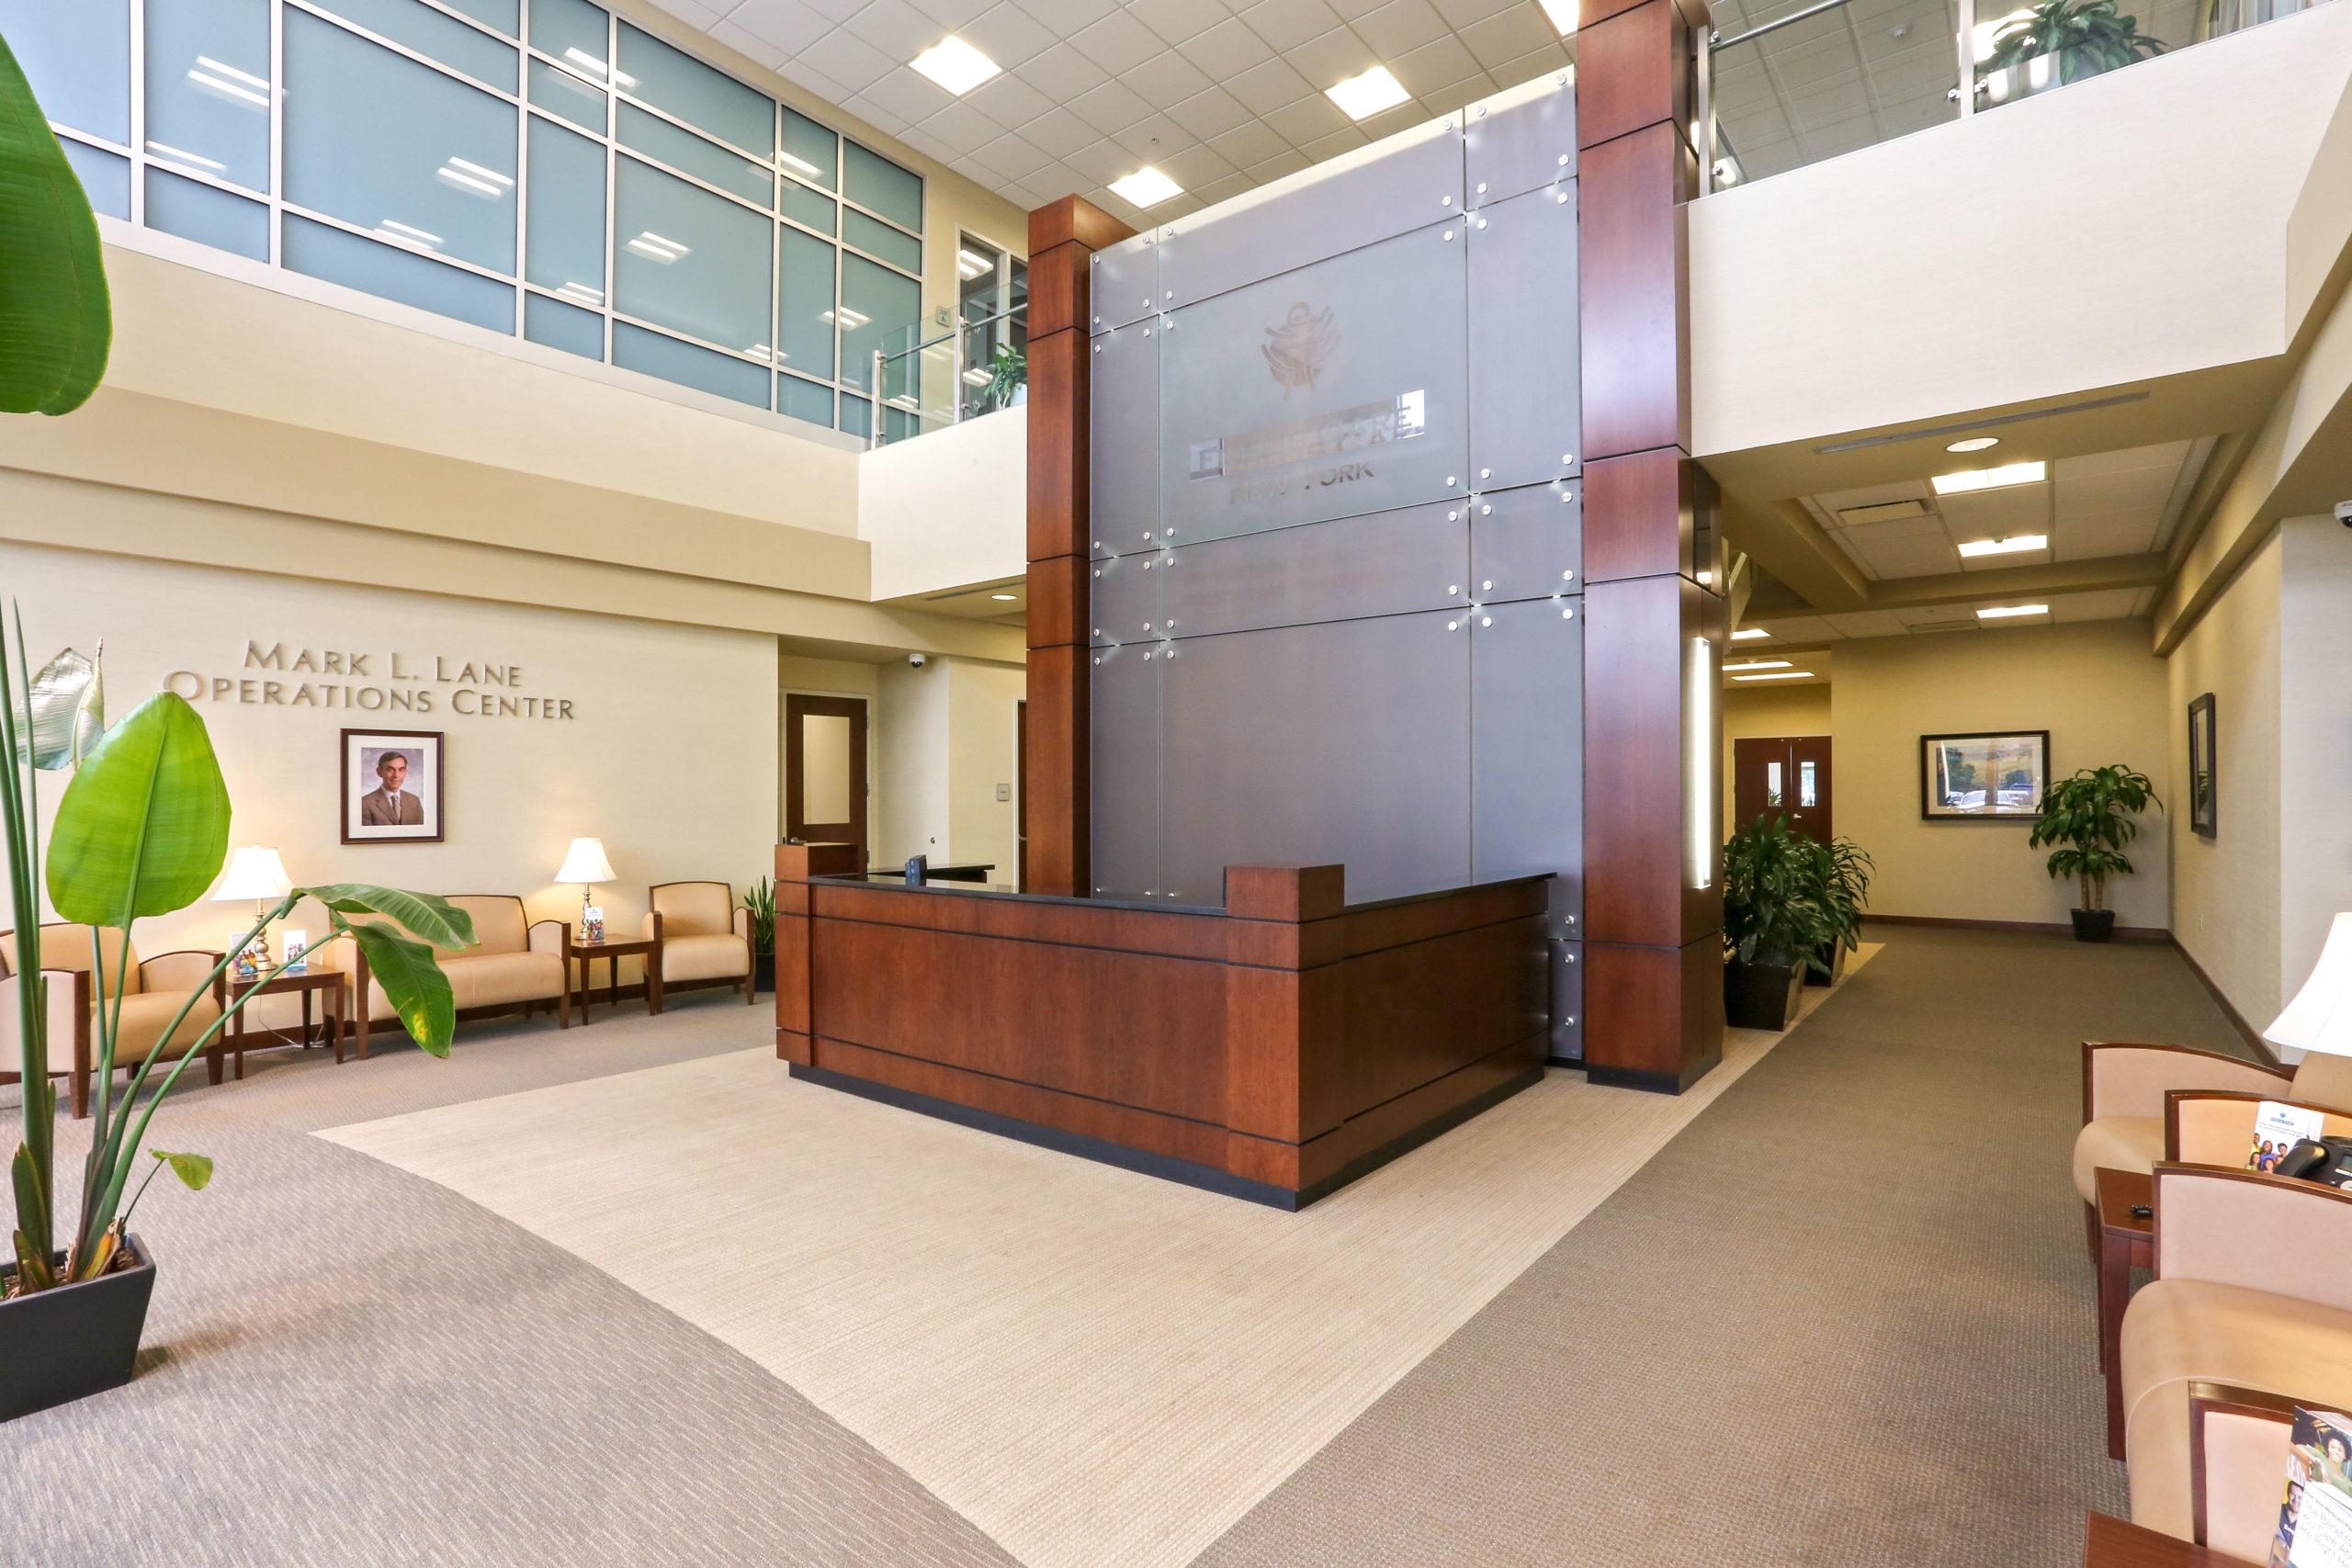 Fidelis Care Office Reception desk